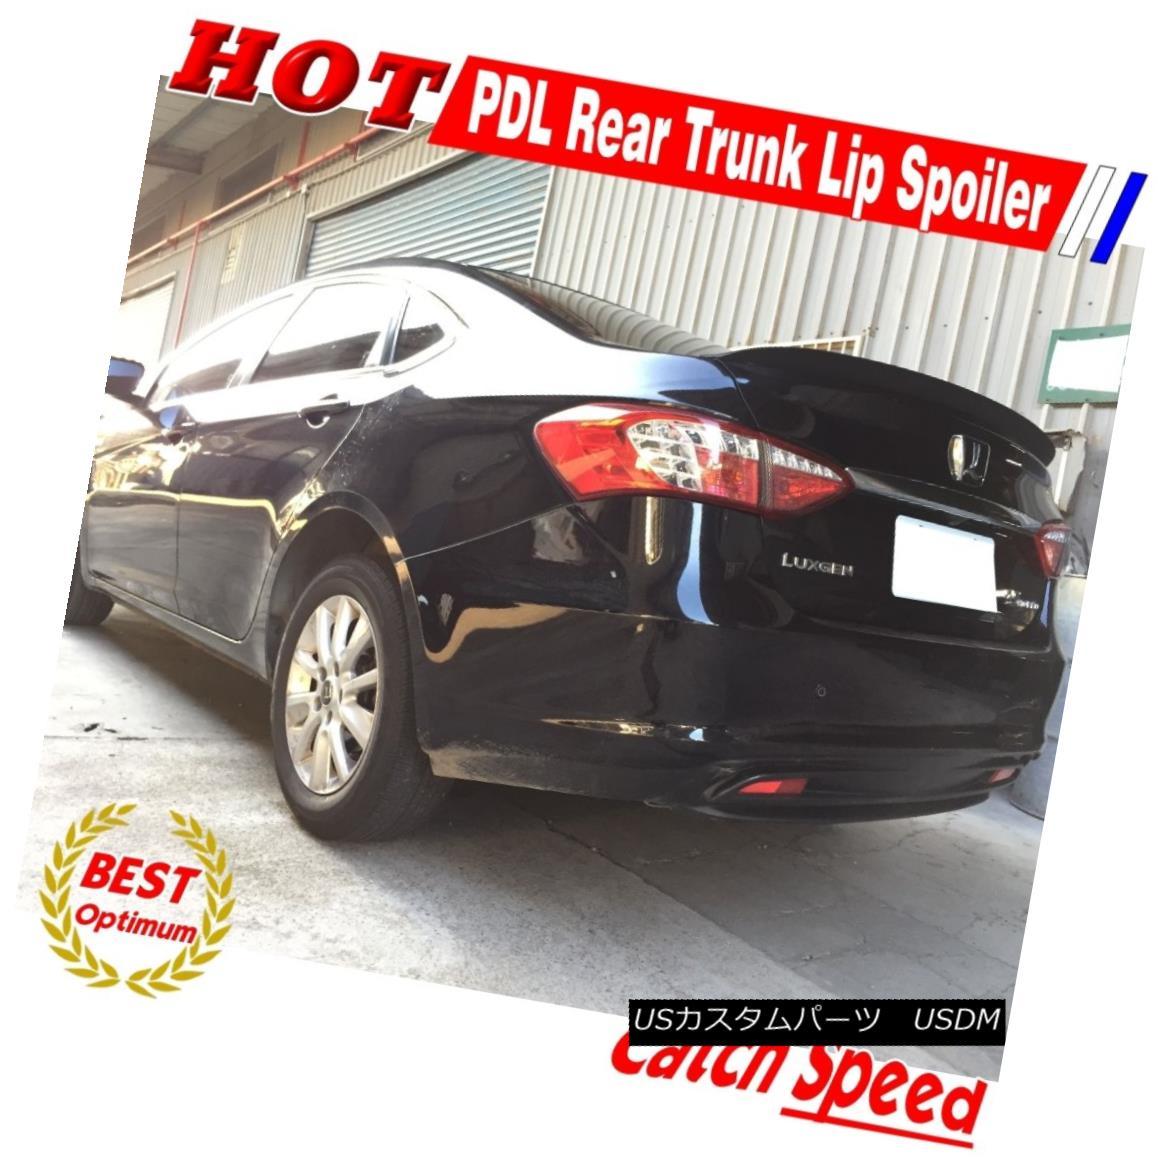 エアロパーツ Flat Black P Style Rear Trunk Lip Spoiler Wing For Toyota CAMRY 2012~2015 Sedan トヨタキャム用フラットブラックPスタイルリアトランクリップスポイラーウィング2012?2015セダン